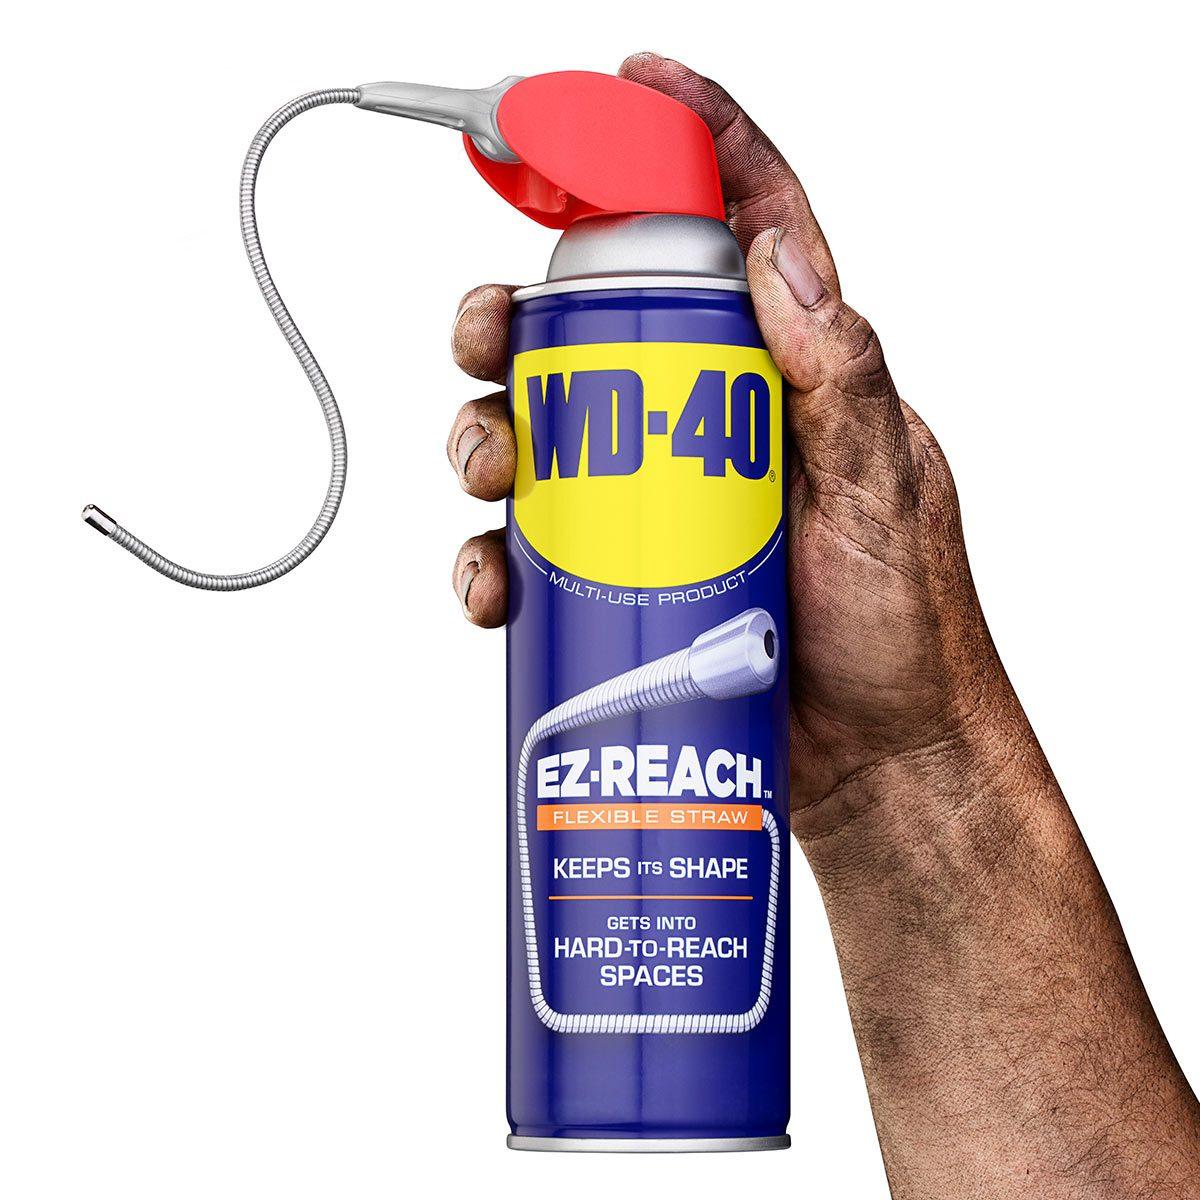 wd-40 ez-reach nozzle